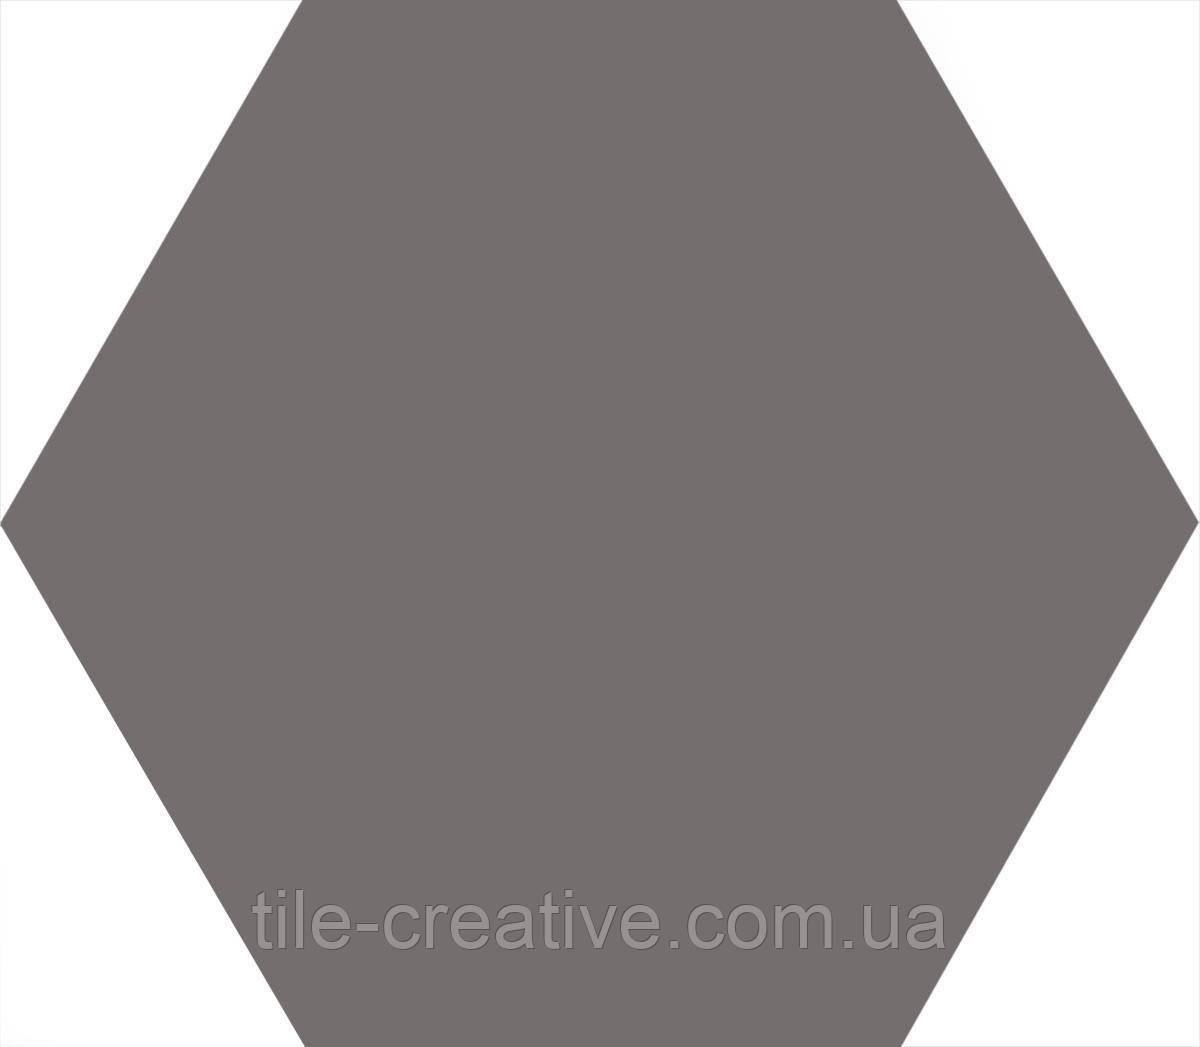 Керамическая плитка Линьяно серый 20х23,1х7 SG23026N